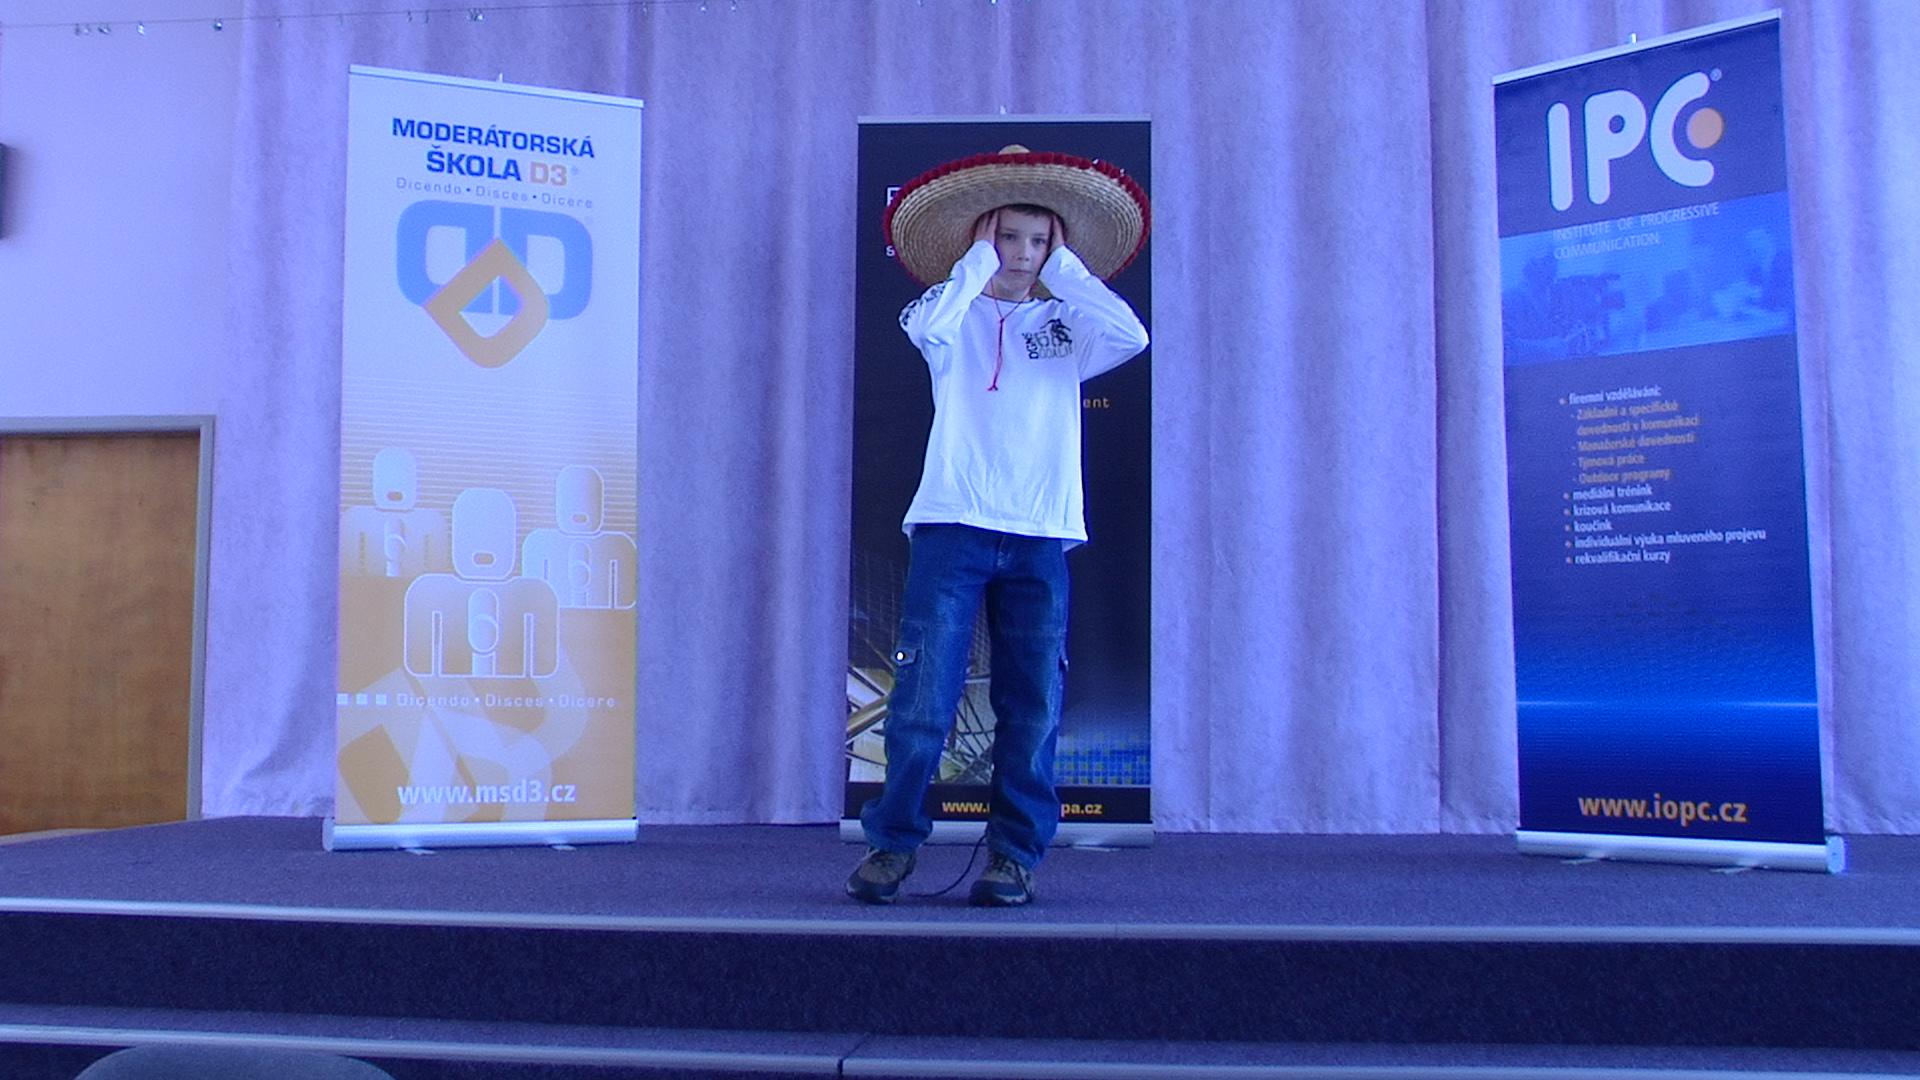 Nácvik veřejného mluveného projevu (projekt: Mladý Demosthenes, foto: Jana Adámková)